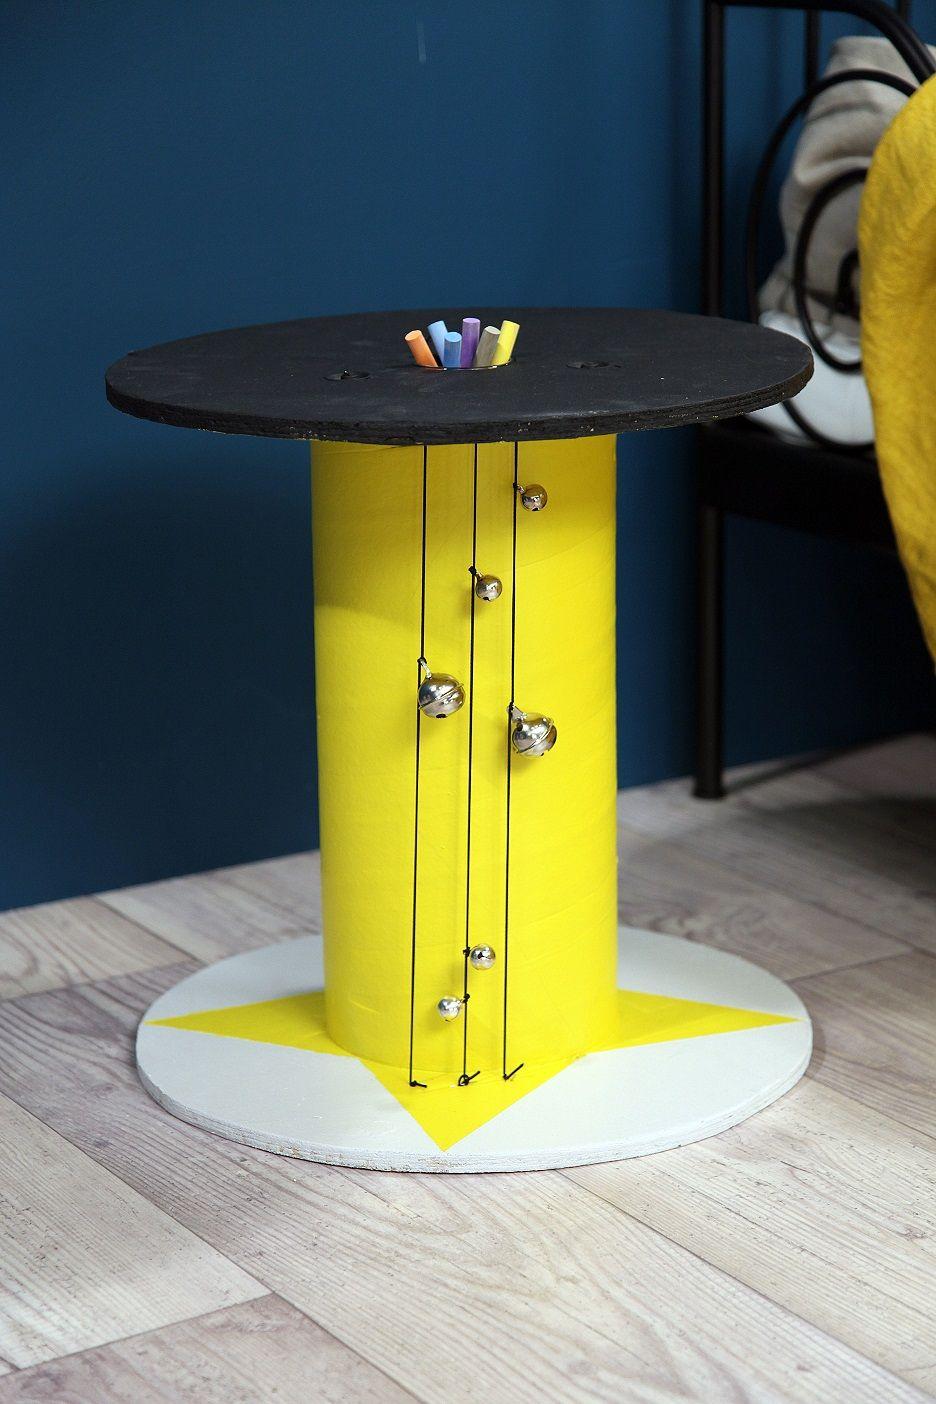 DIY Une table de nuit bobine @Manuelle Tilly #chambre #LesChoristes #tevadeco